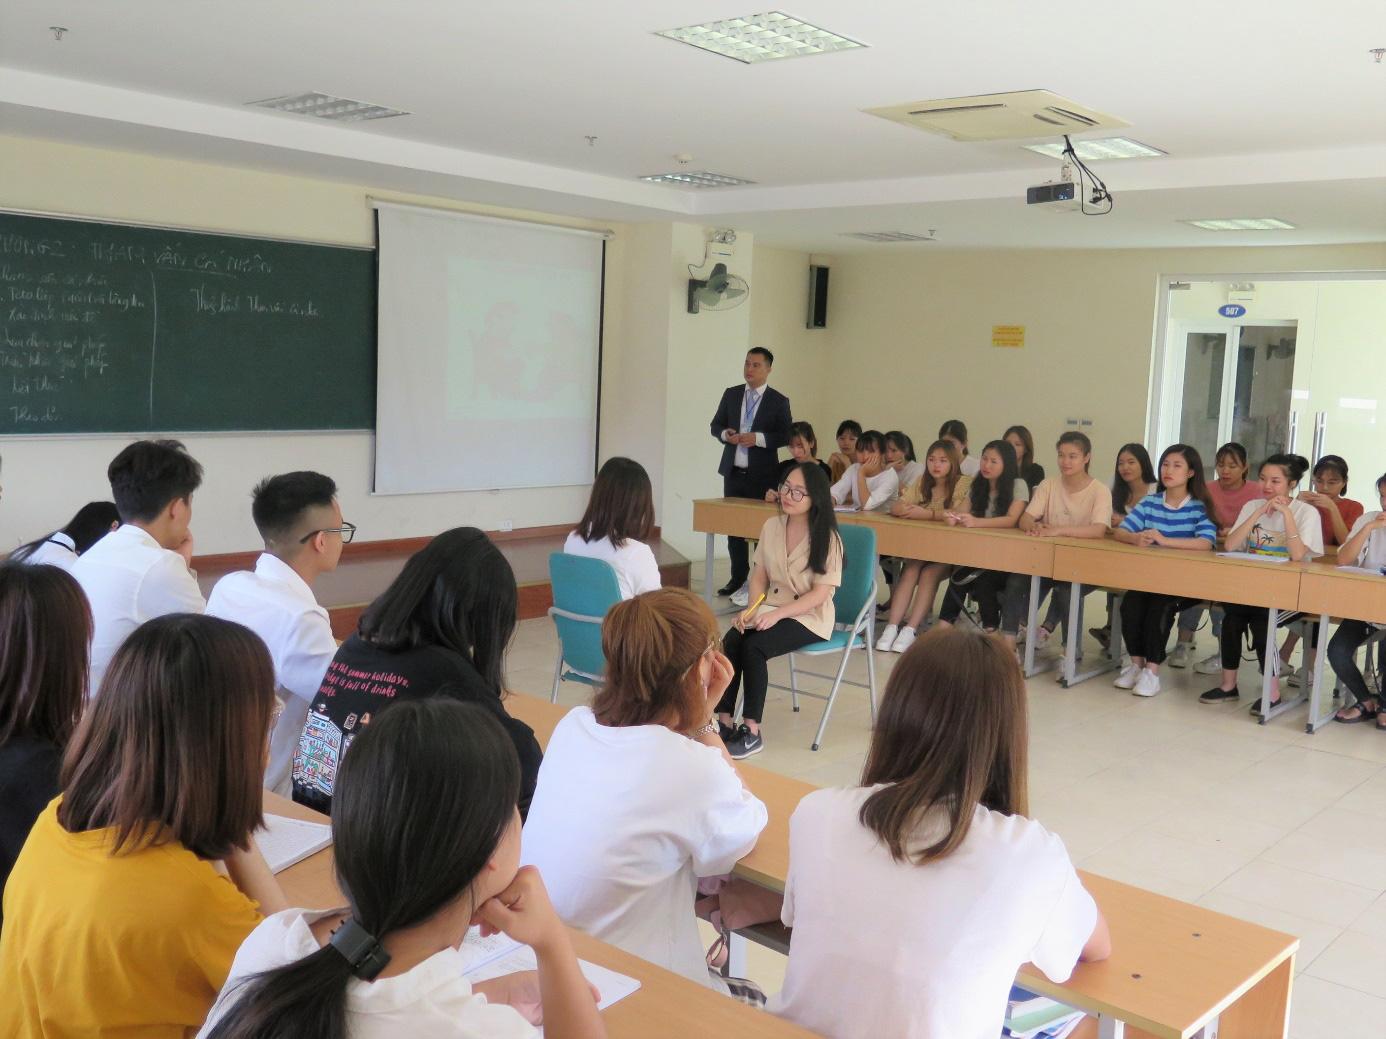 Công tác xã hội - Ngành học cho những người trẻ năng động và giàu lòng yêu thương - Ảnh 1.